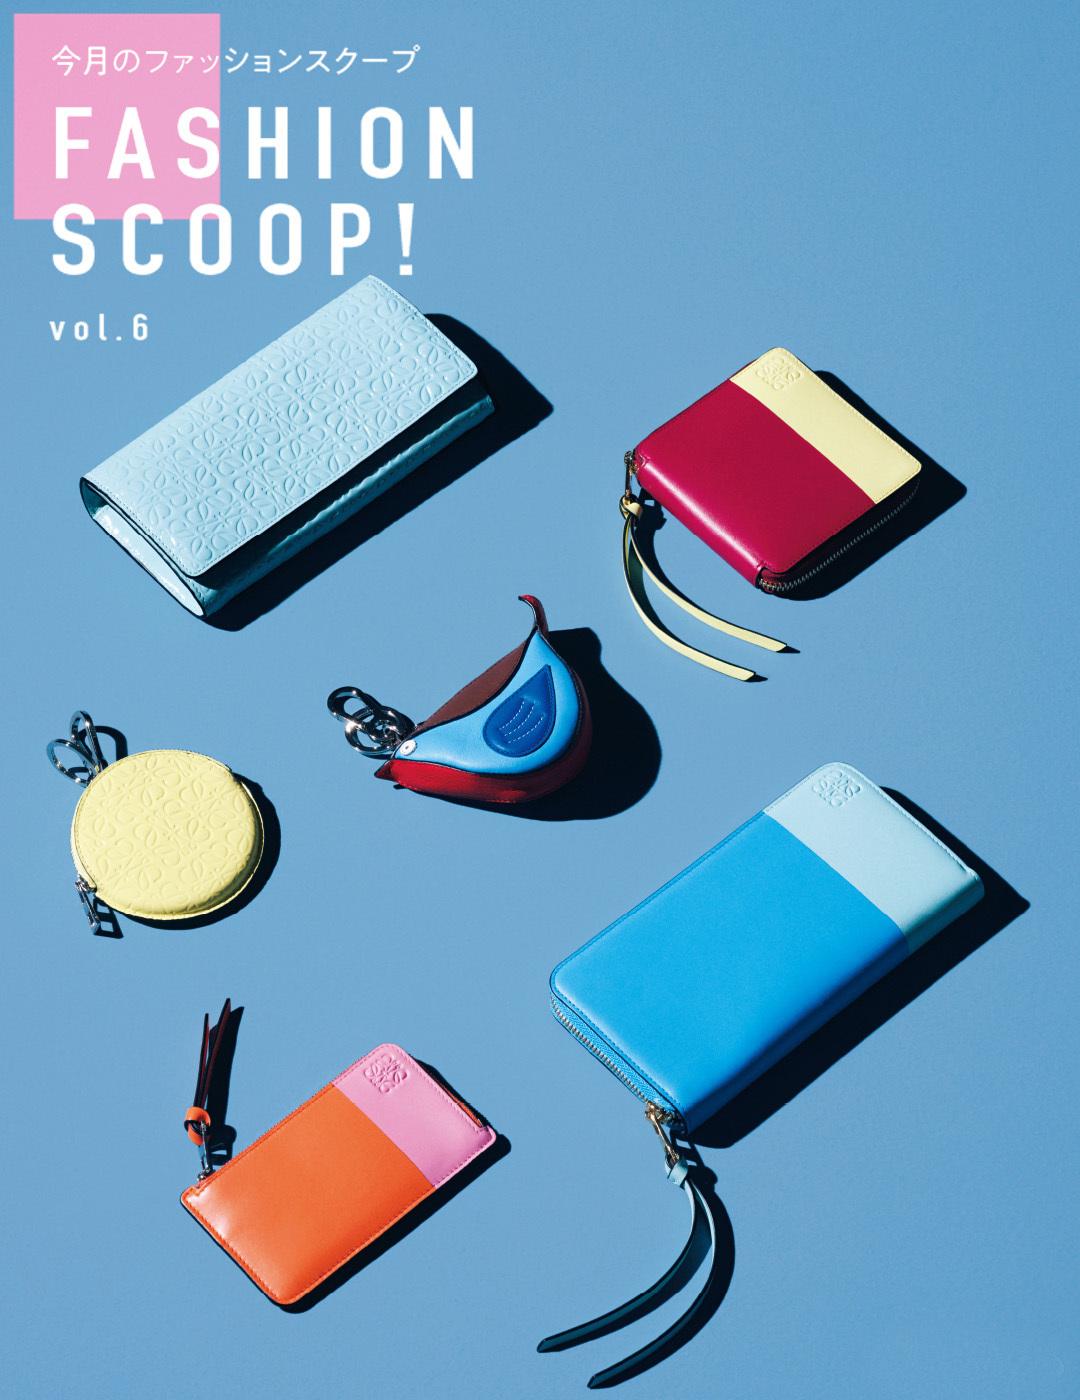 今月のファッションスクープ FASHION SCOOP! vol.6